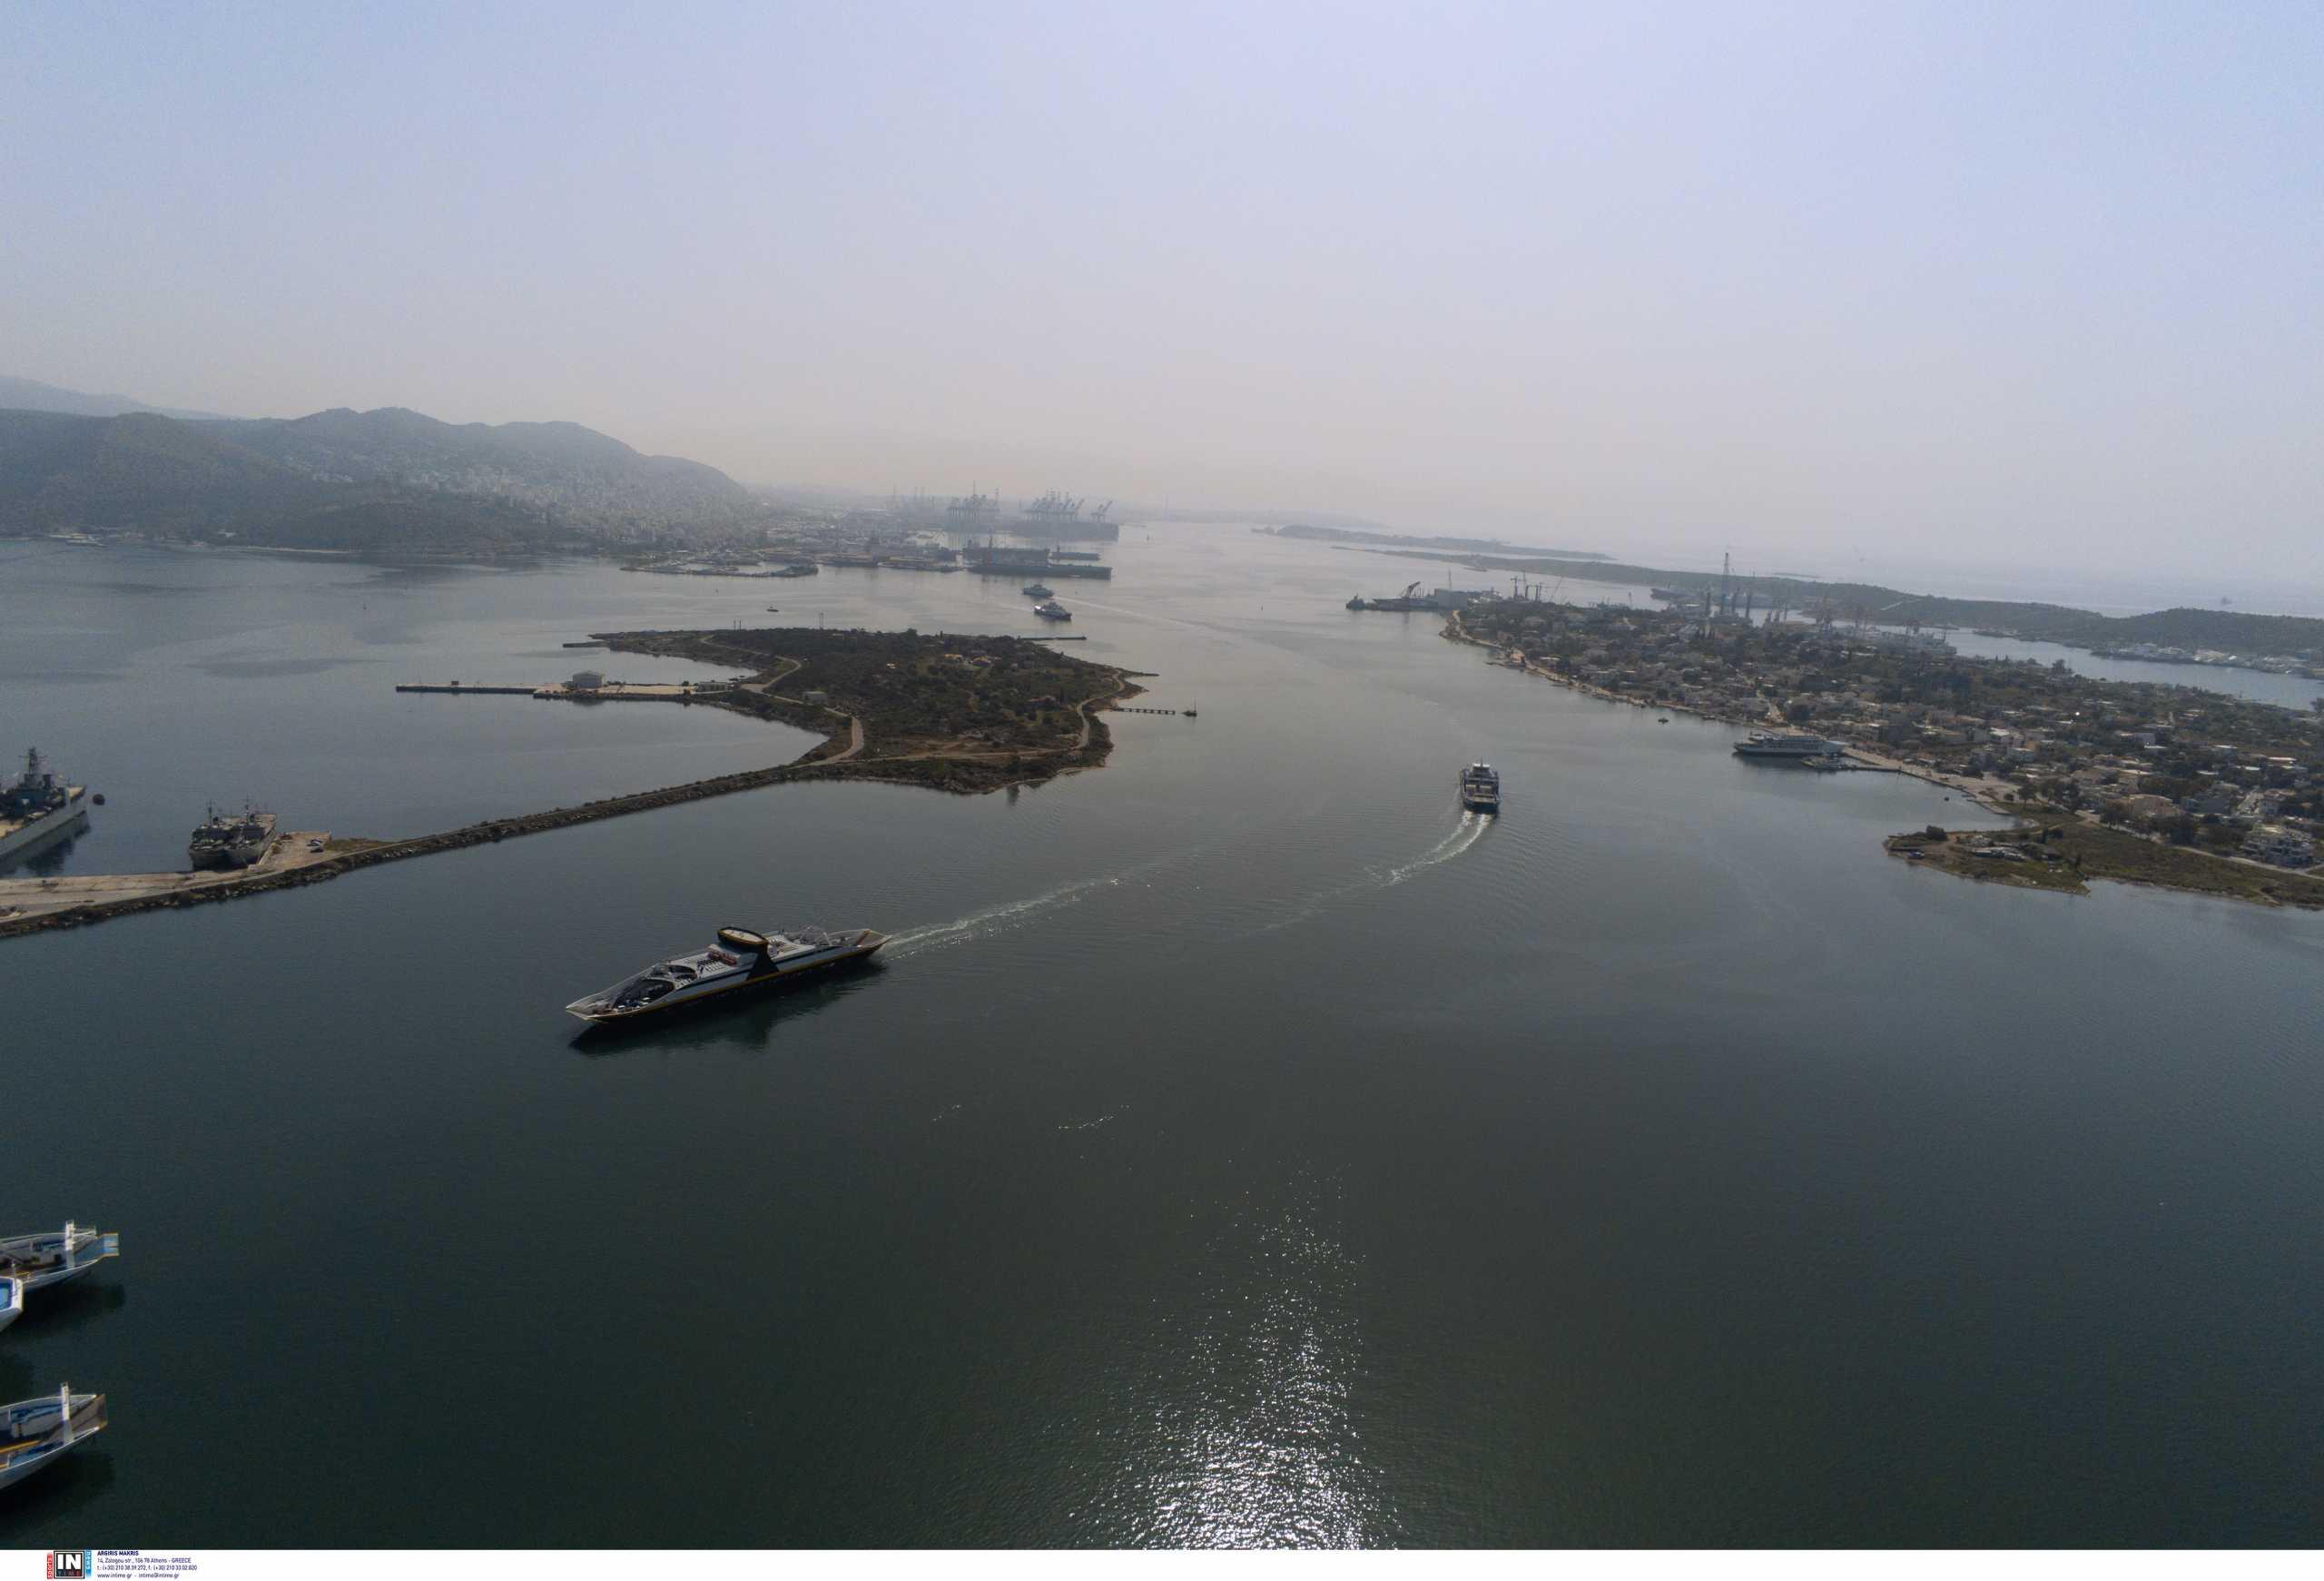 Οι Έλληνες πλοιοκτήτες leaders της παγκόσμιας ναυτιλίας: Προοπτικές στο Οικονομικό Φόρουμ των Δελφών